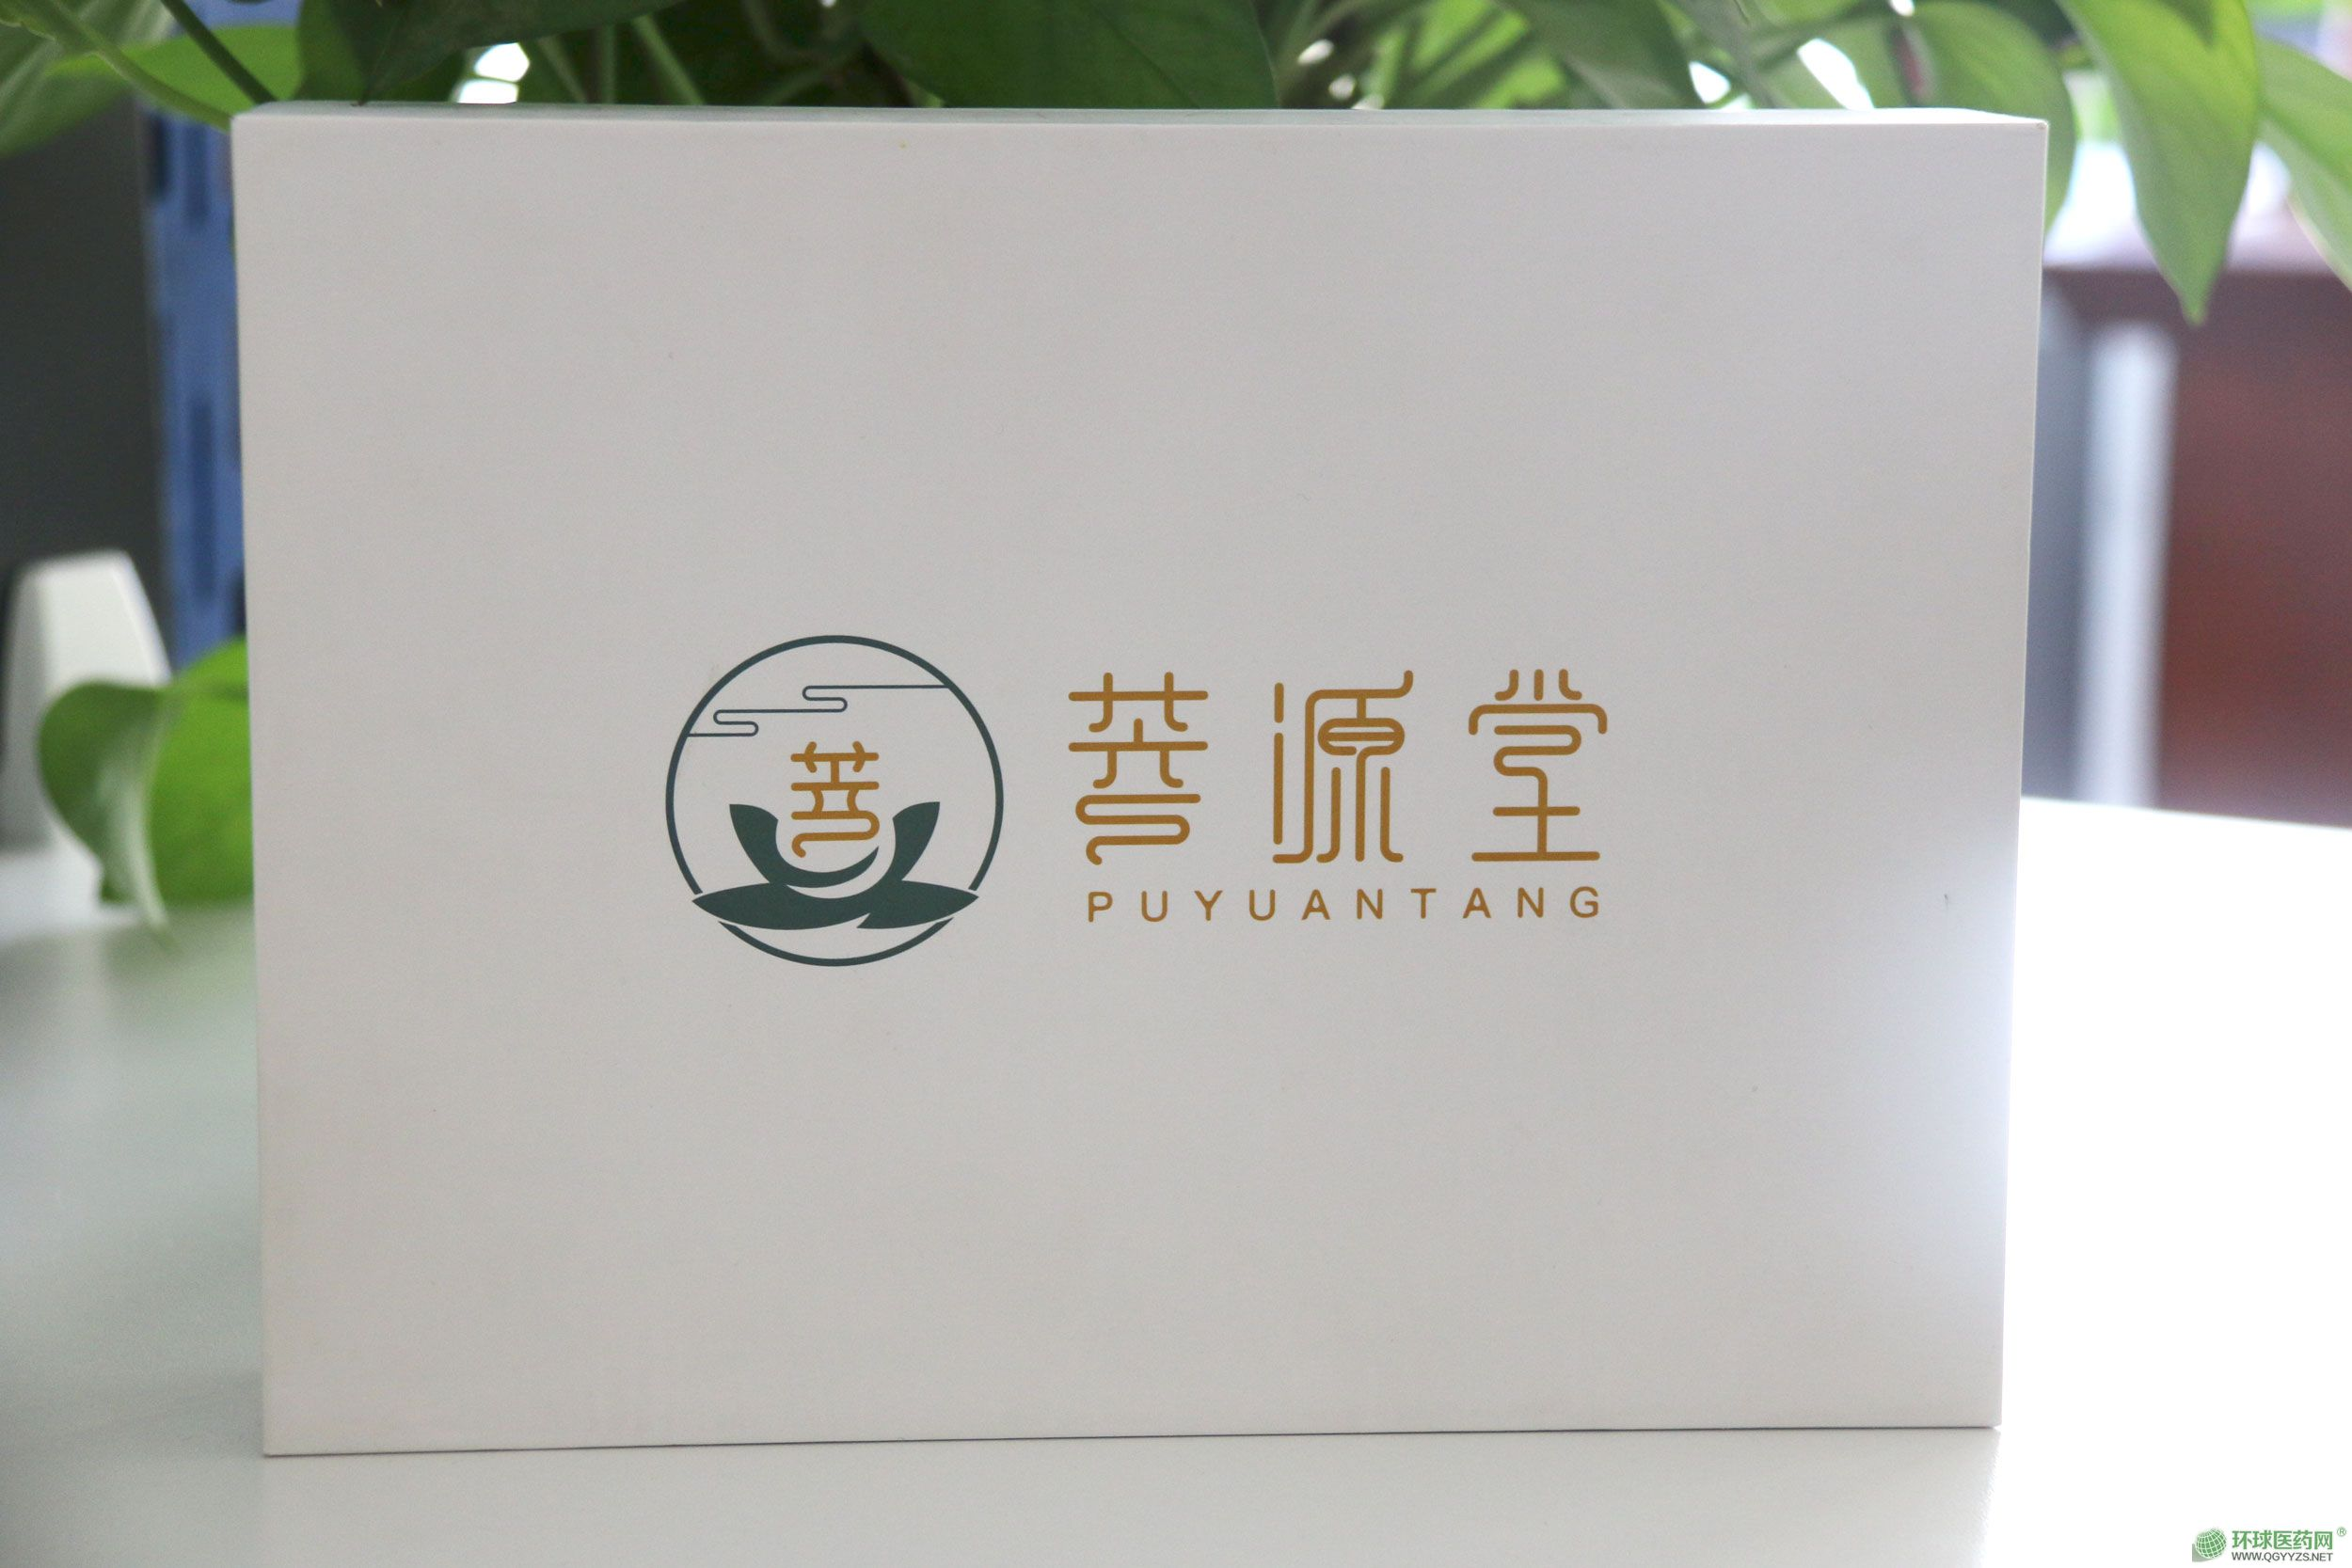 菩源堂牌寡肽凝胶6支装-白色礼盒